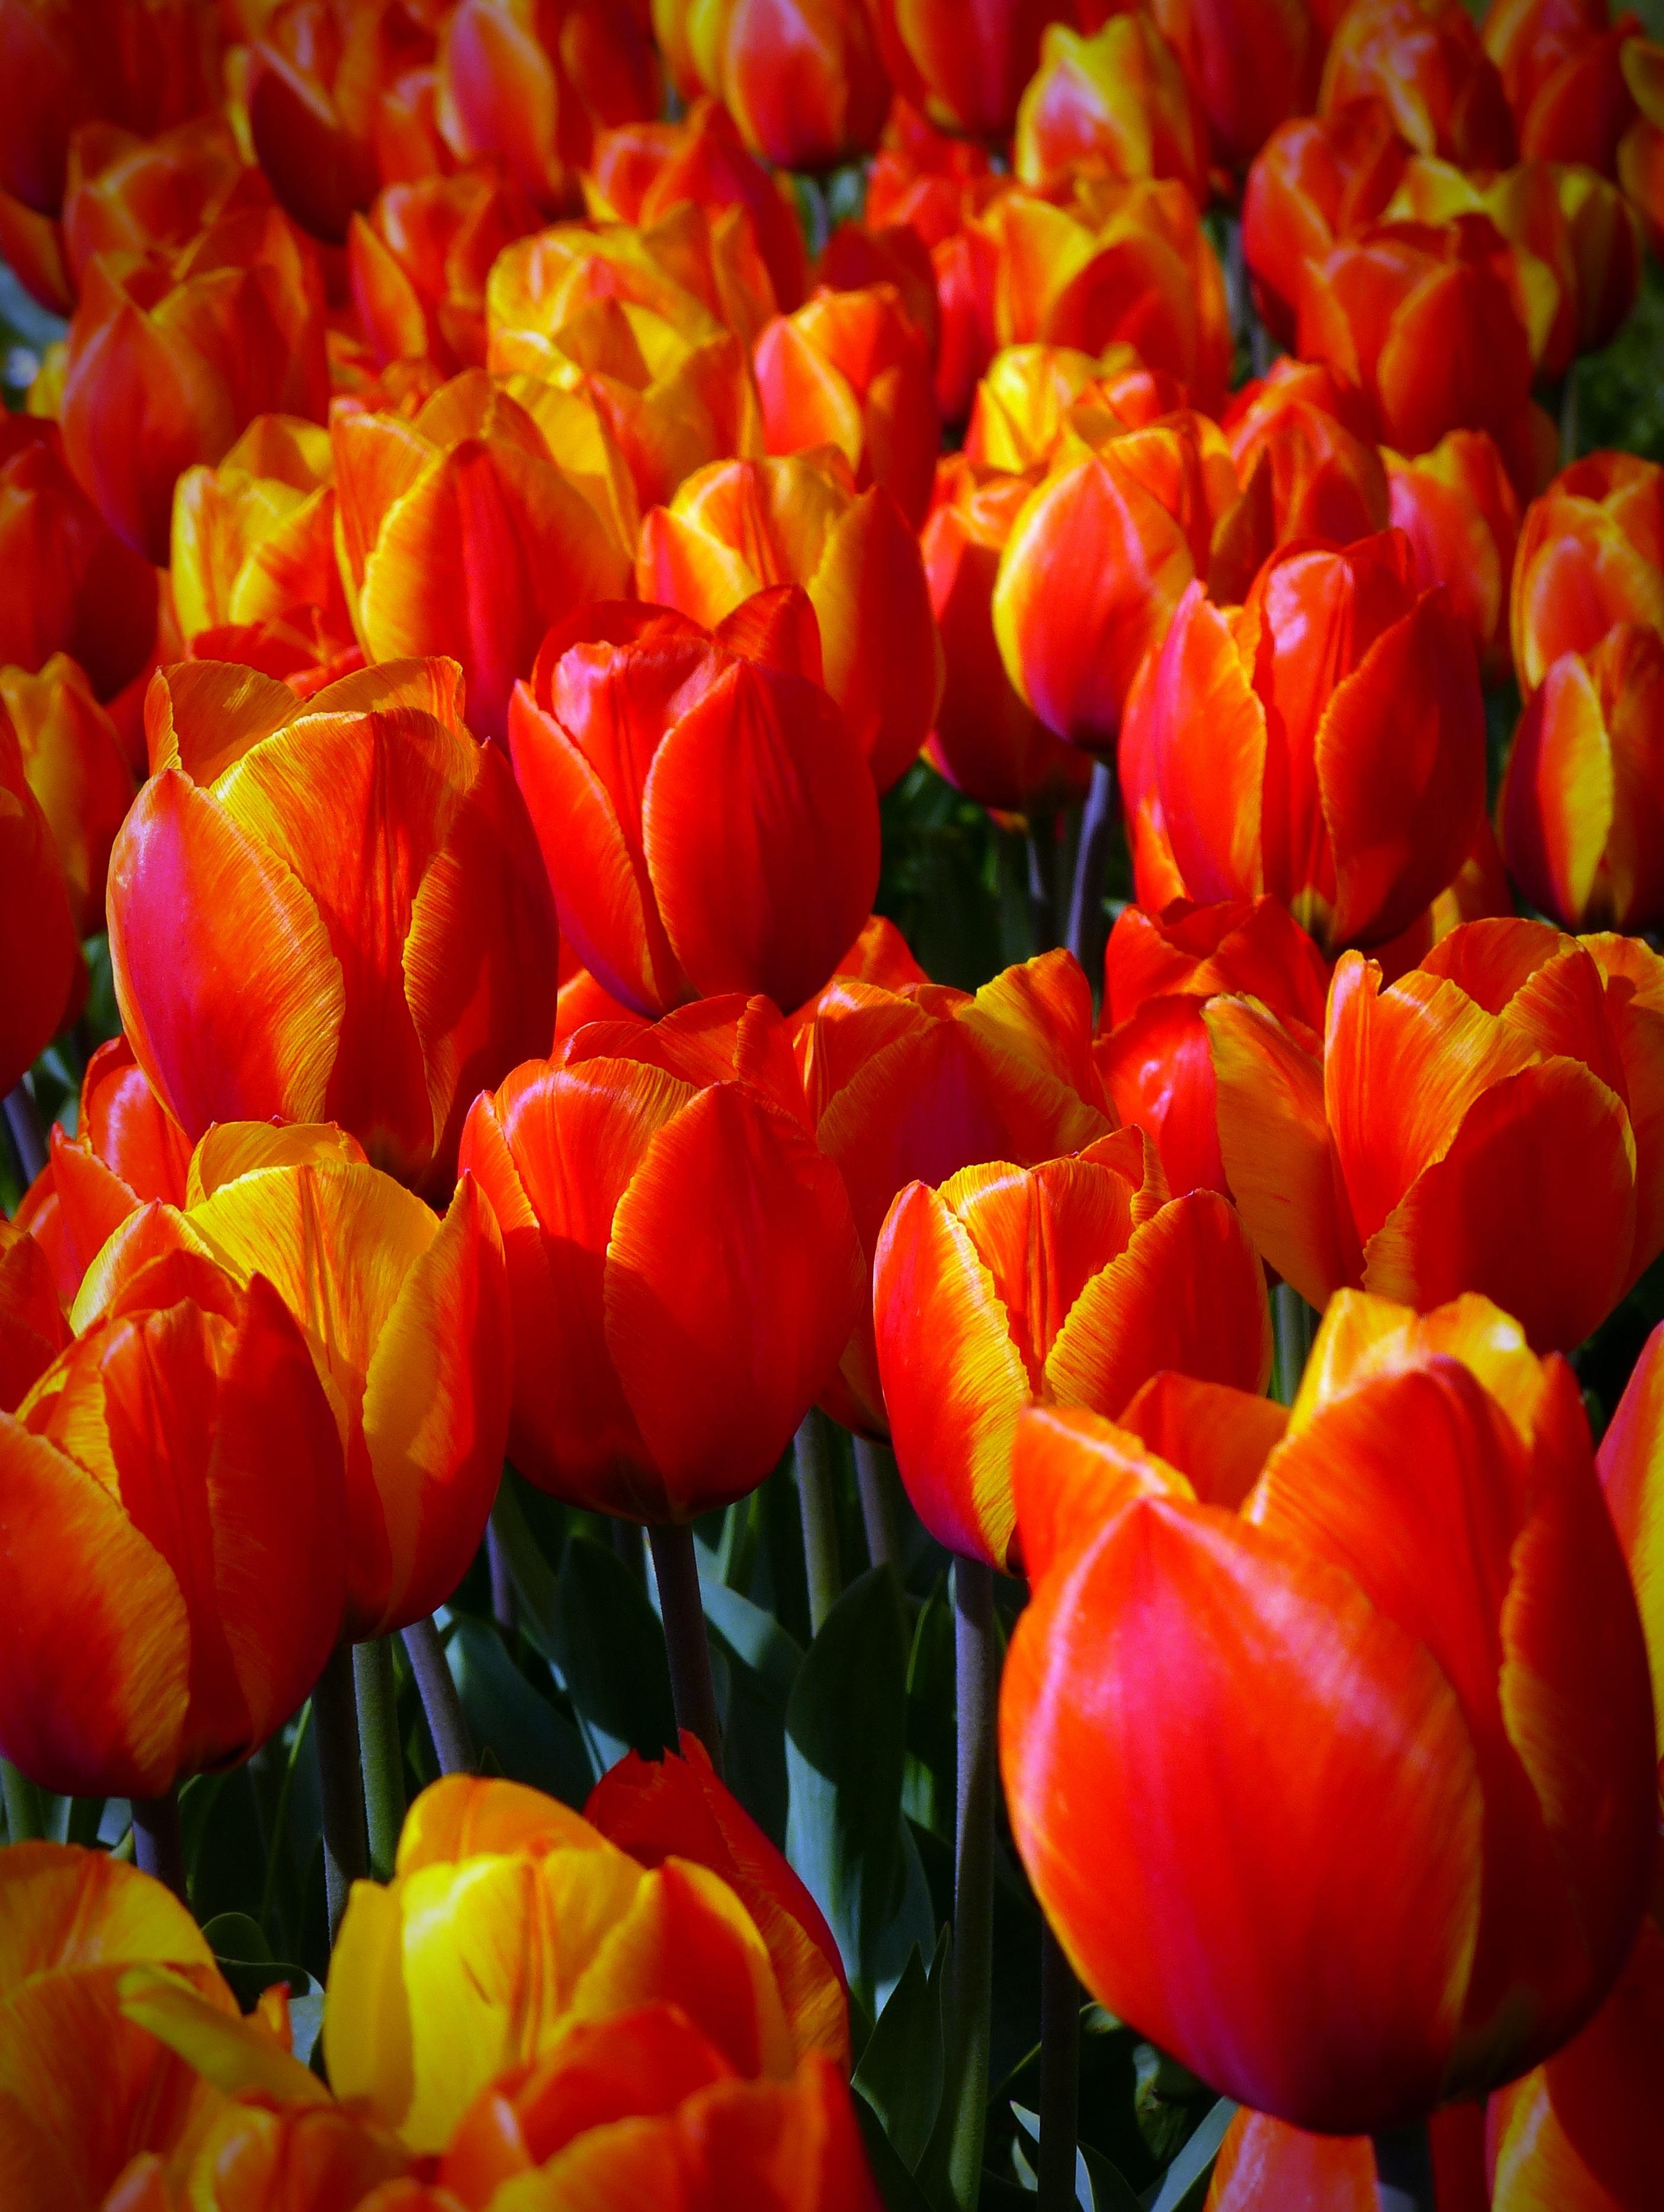 покупку дивные фотографии тюльпанов помощника